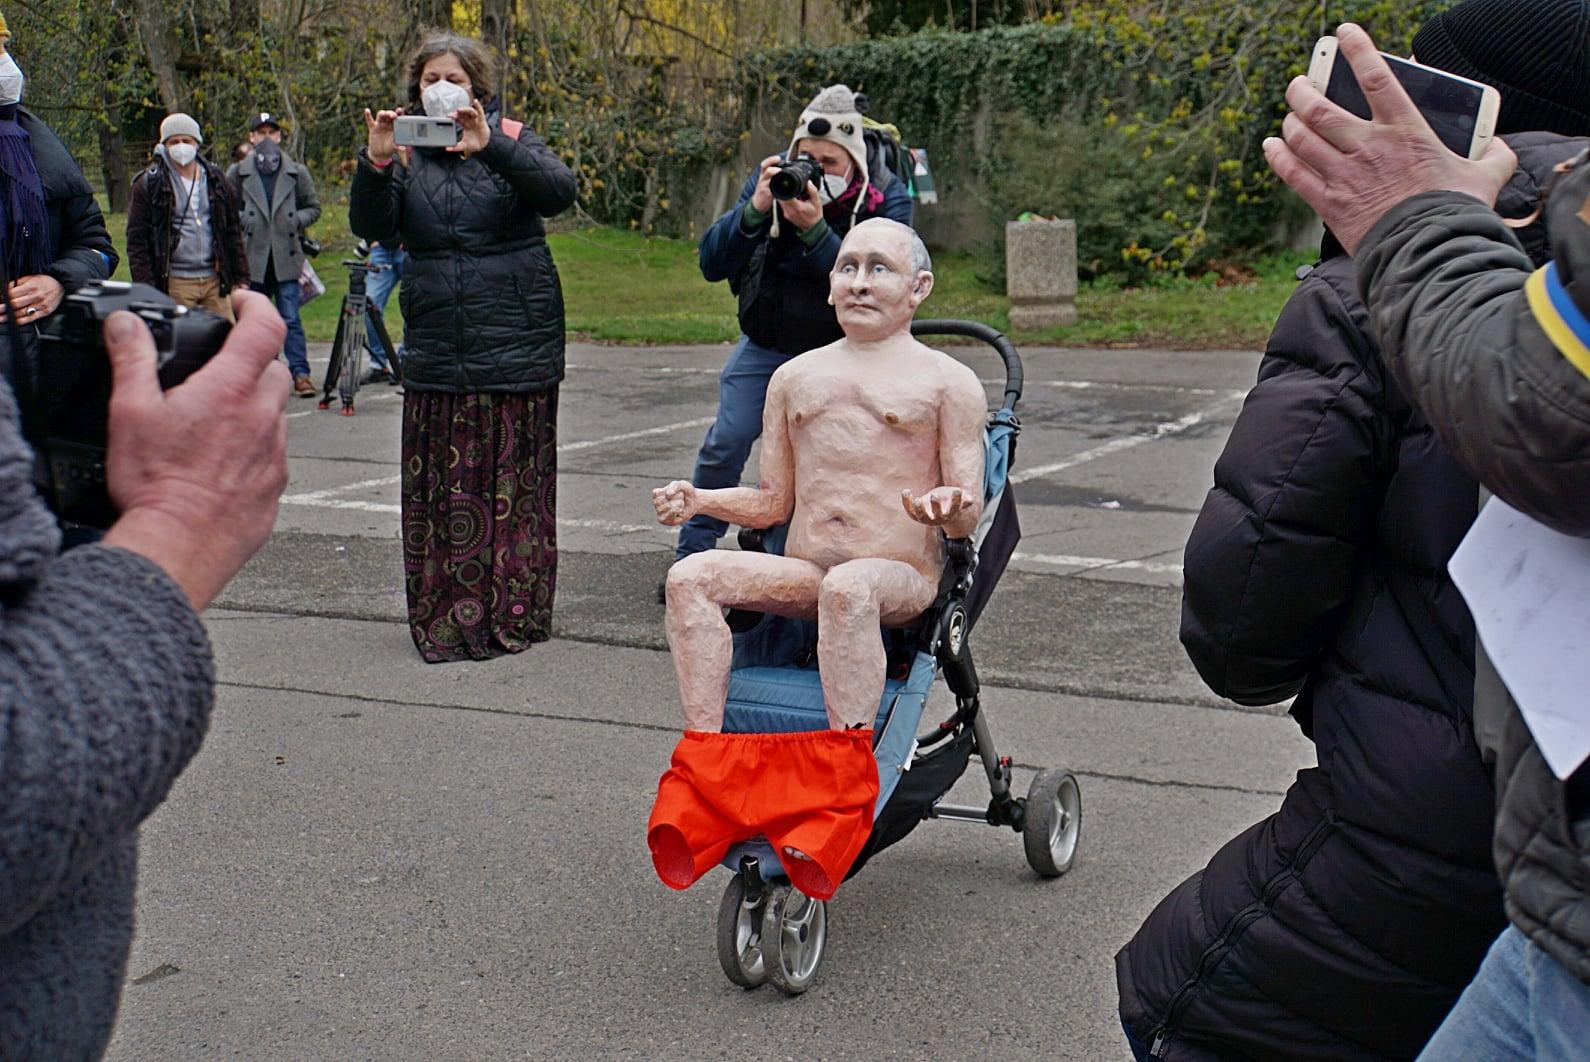 В Чехии установили статую голого Путина: где и зачем (ФОТО, ВИДЕО) - фото 2